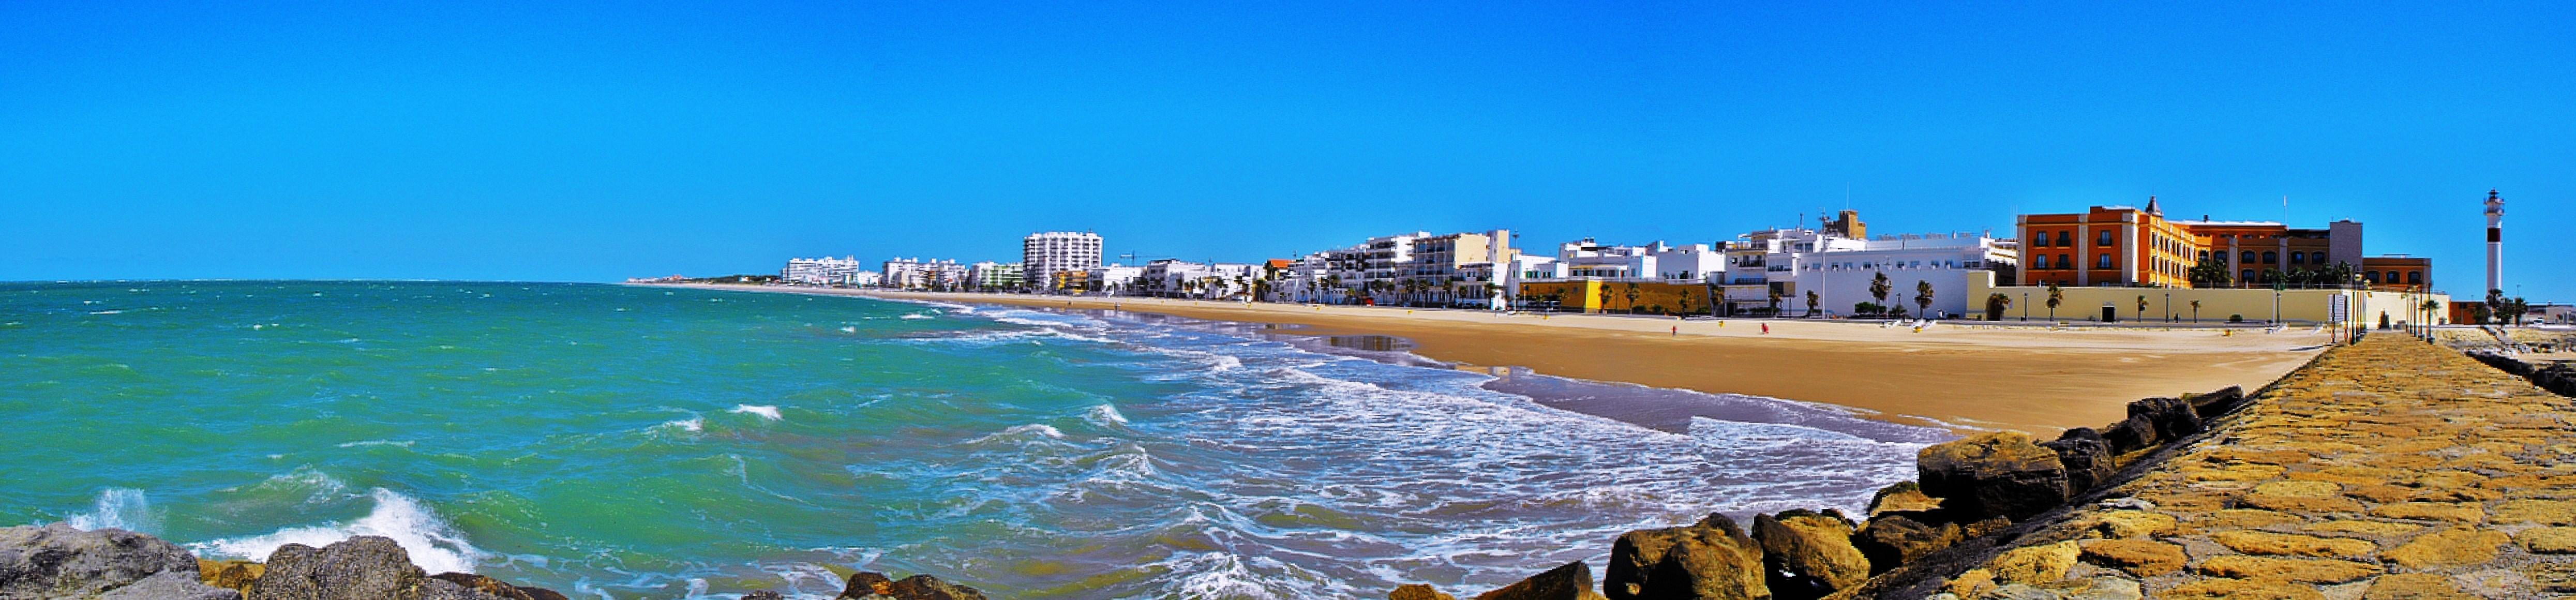 Playa La Costilla